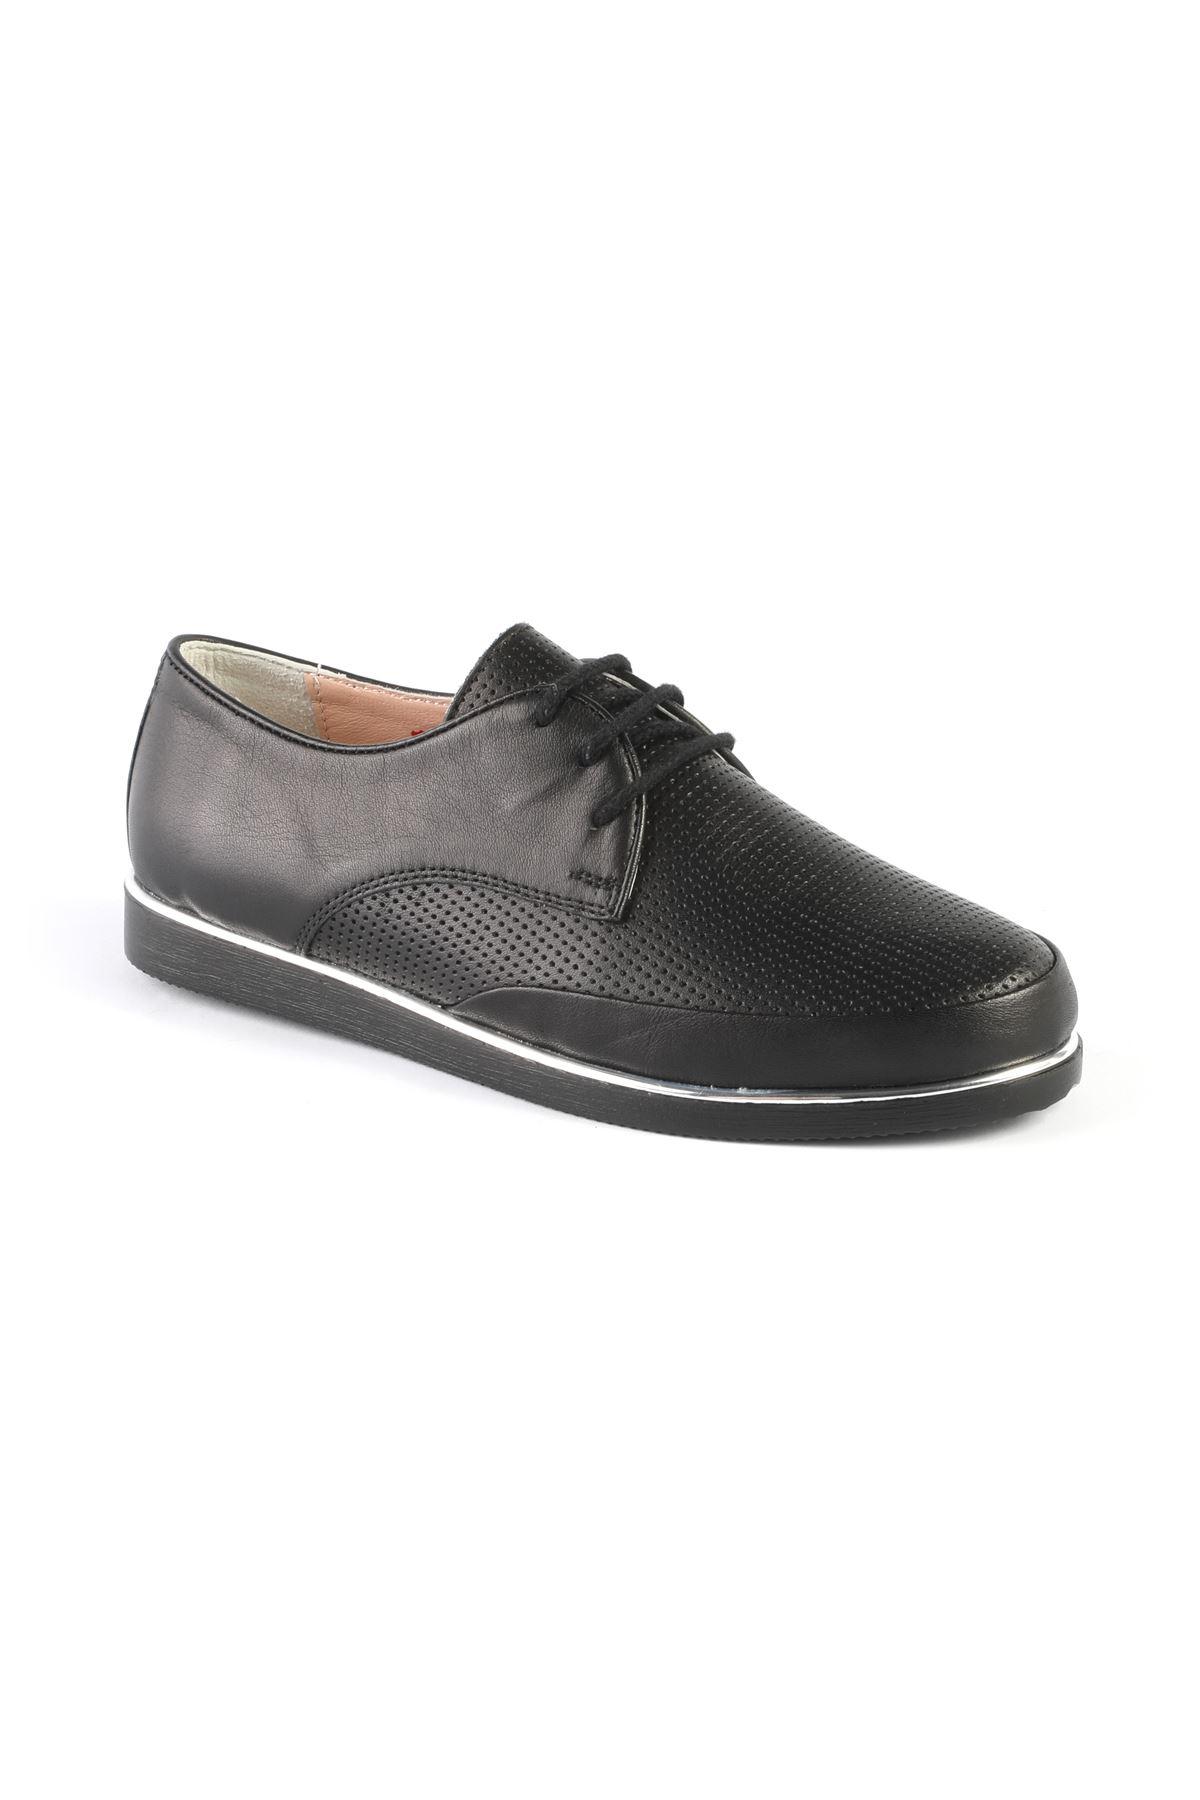 Libero AH8091 Black Babette Shoes